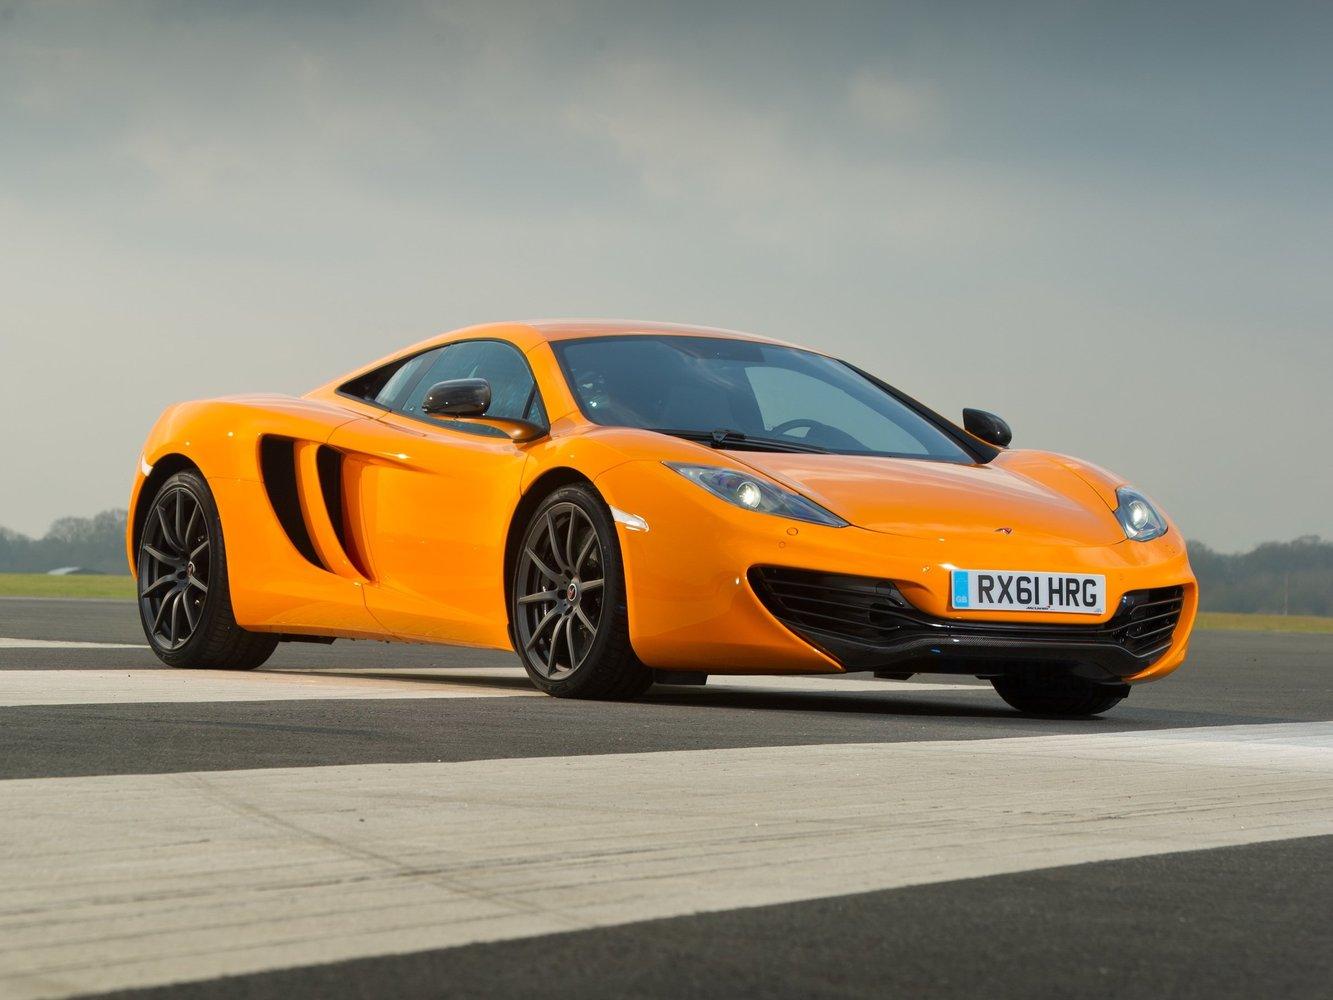 mclaren McLaren MP4-12C